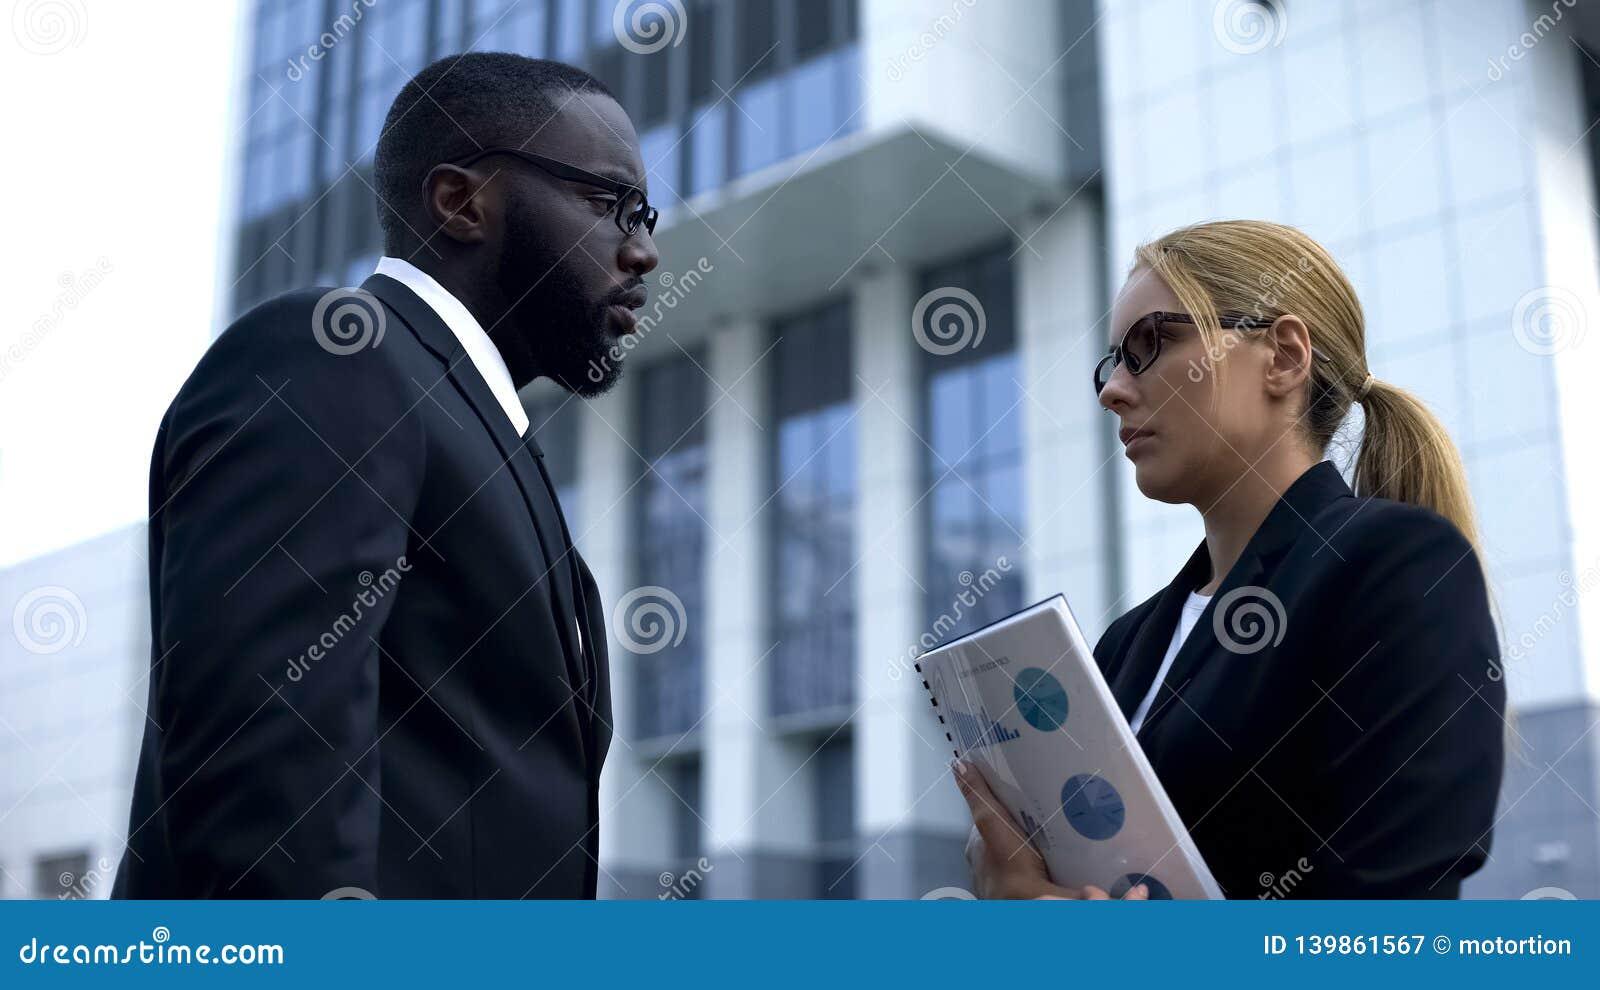 Chefe masculino decepcionado descontentado com trabalho pouco qualificado do empregado, destituição